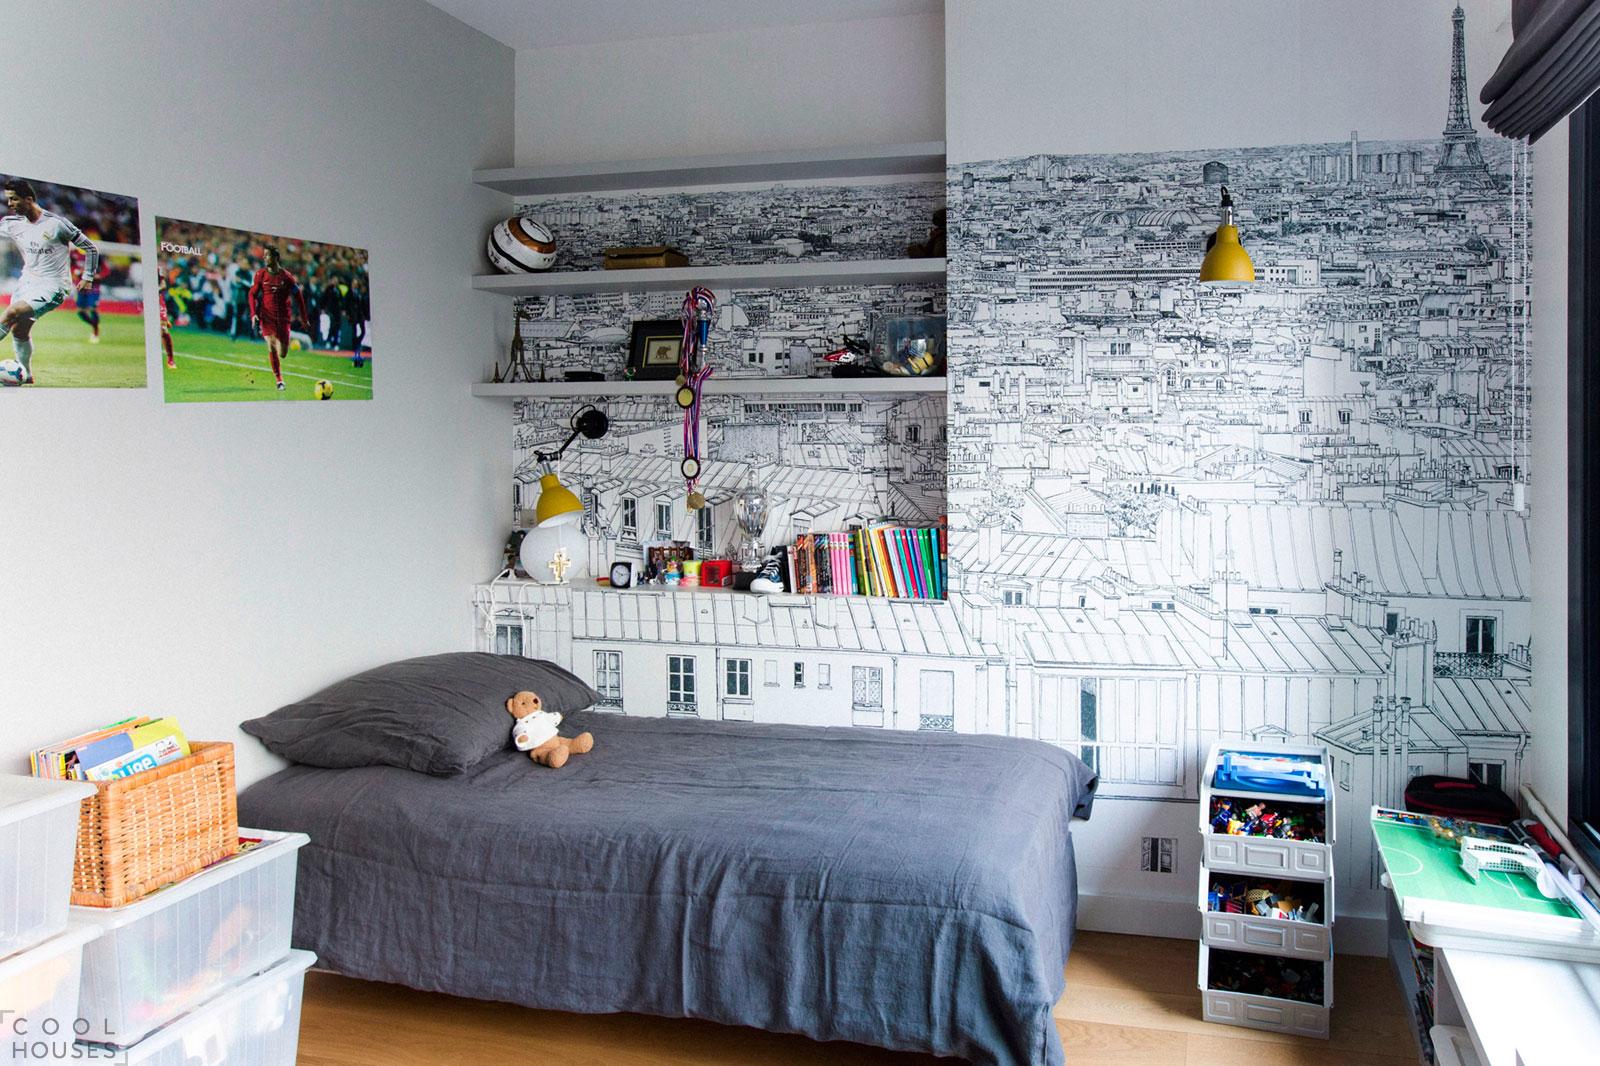 Проект квартиры Victor Hugo в Париже, Франция